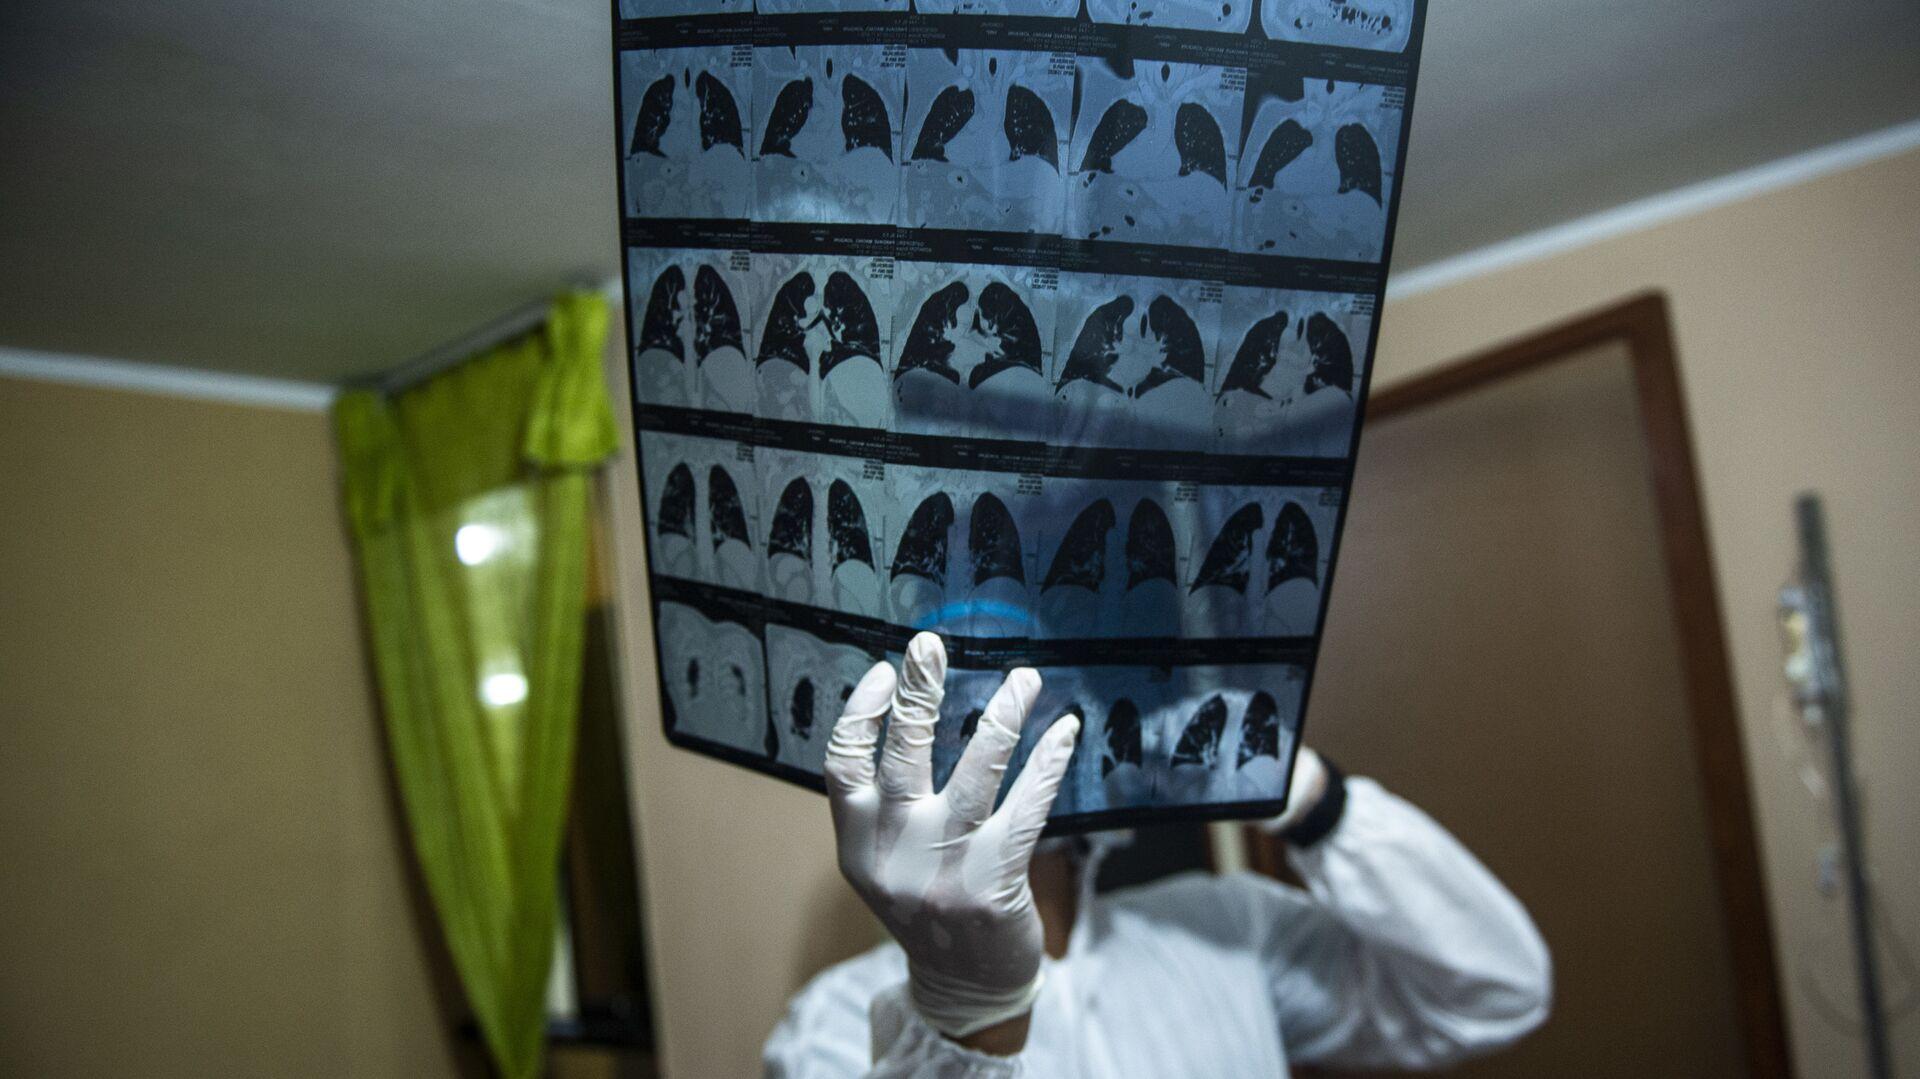 Tibb işçisi əlində ağ ciy\rin rentgenini tutub, arxiv şəkli - Sputnik Azərbaycan, 1920, 14.10.2021